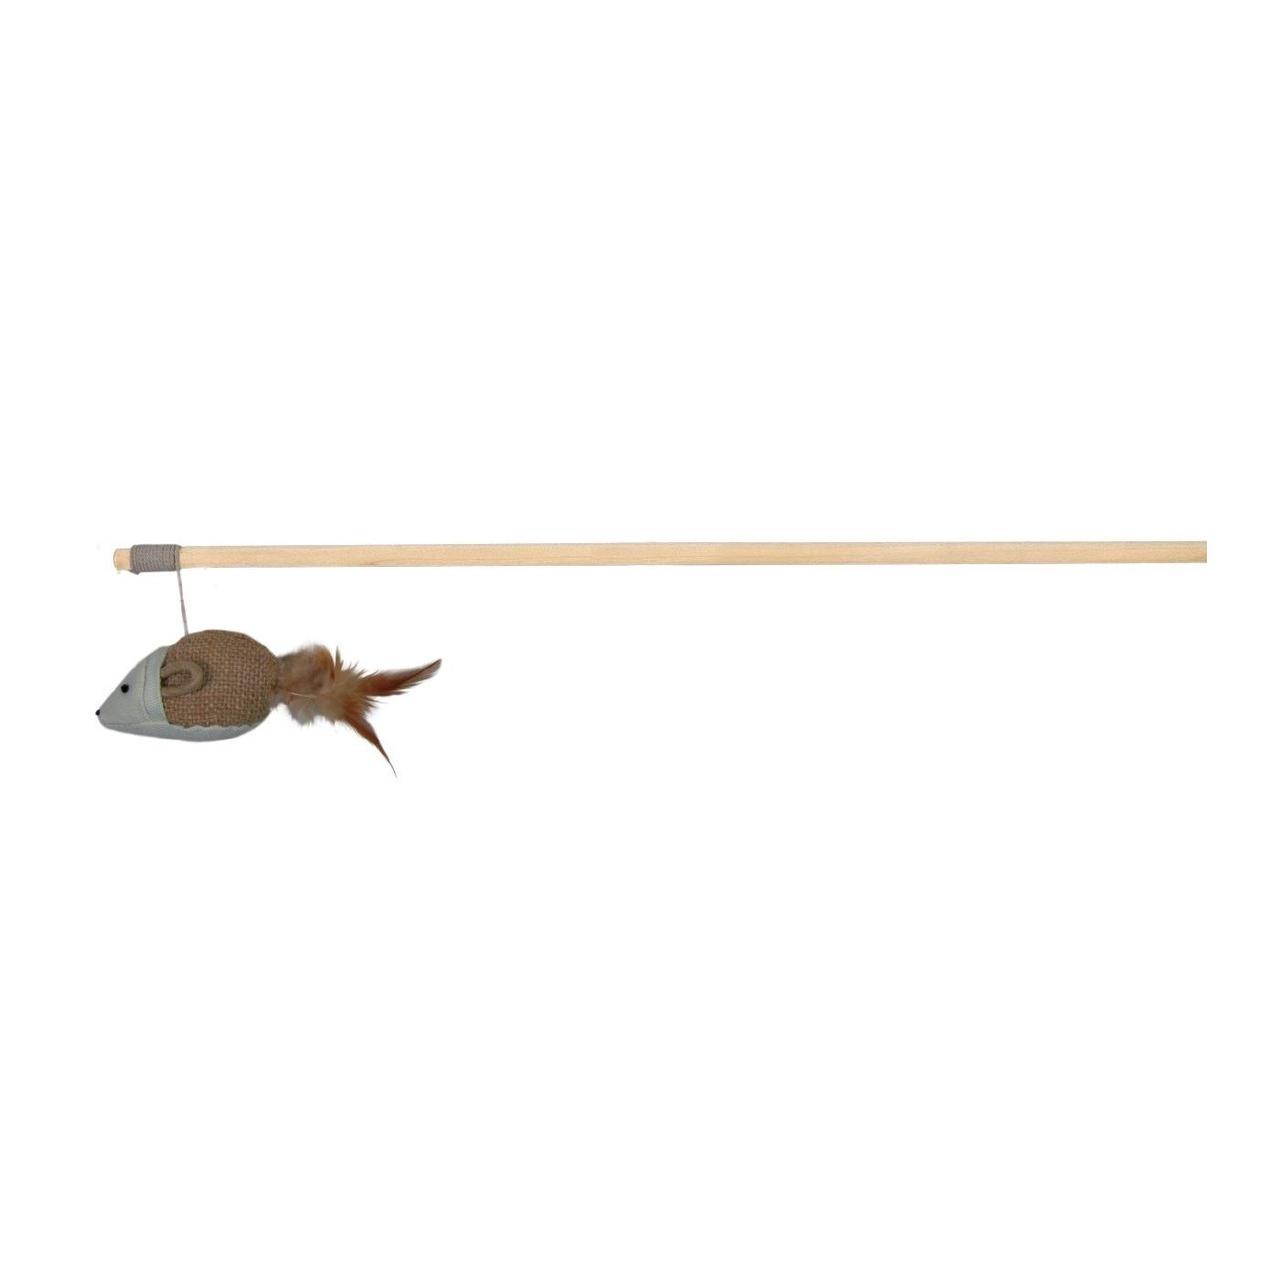 Іграшка для котів Trixie Вудка з мишкою і пір'ям 50 см